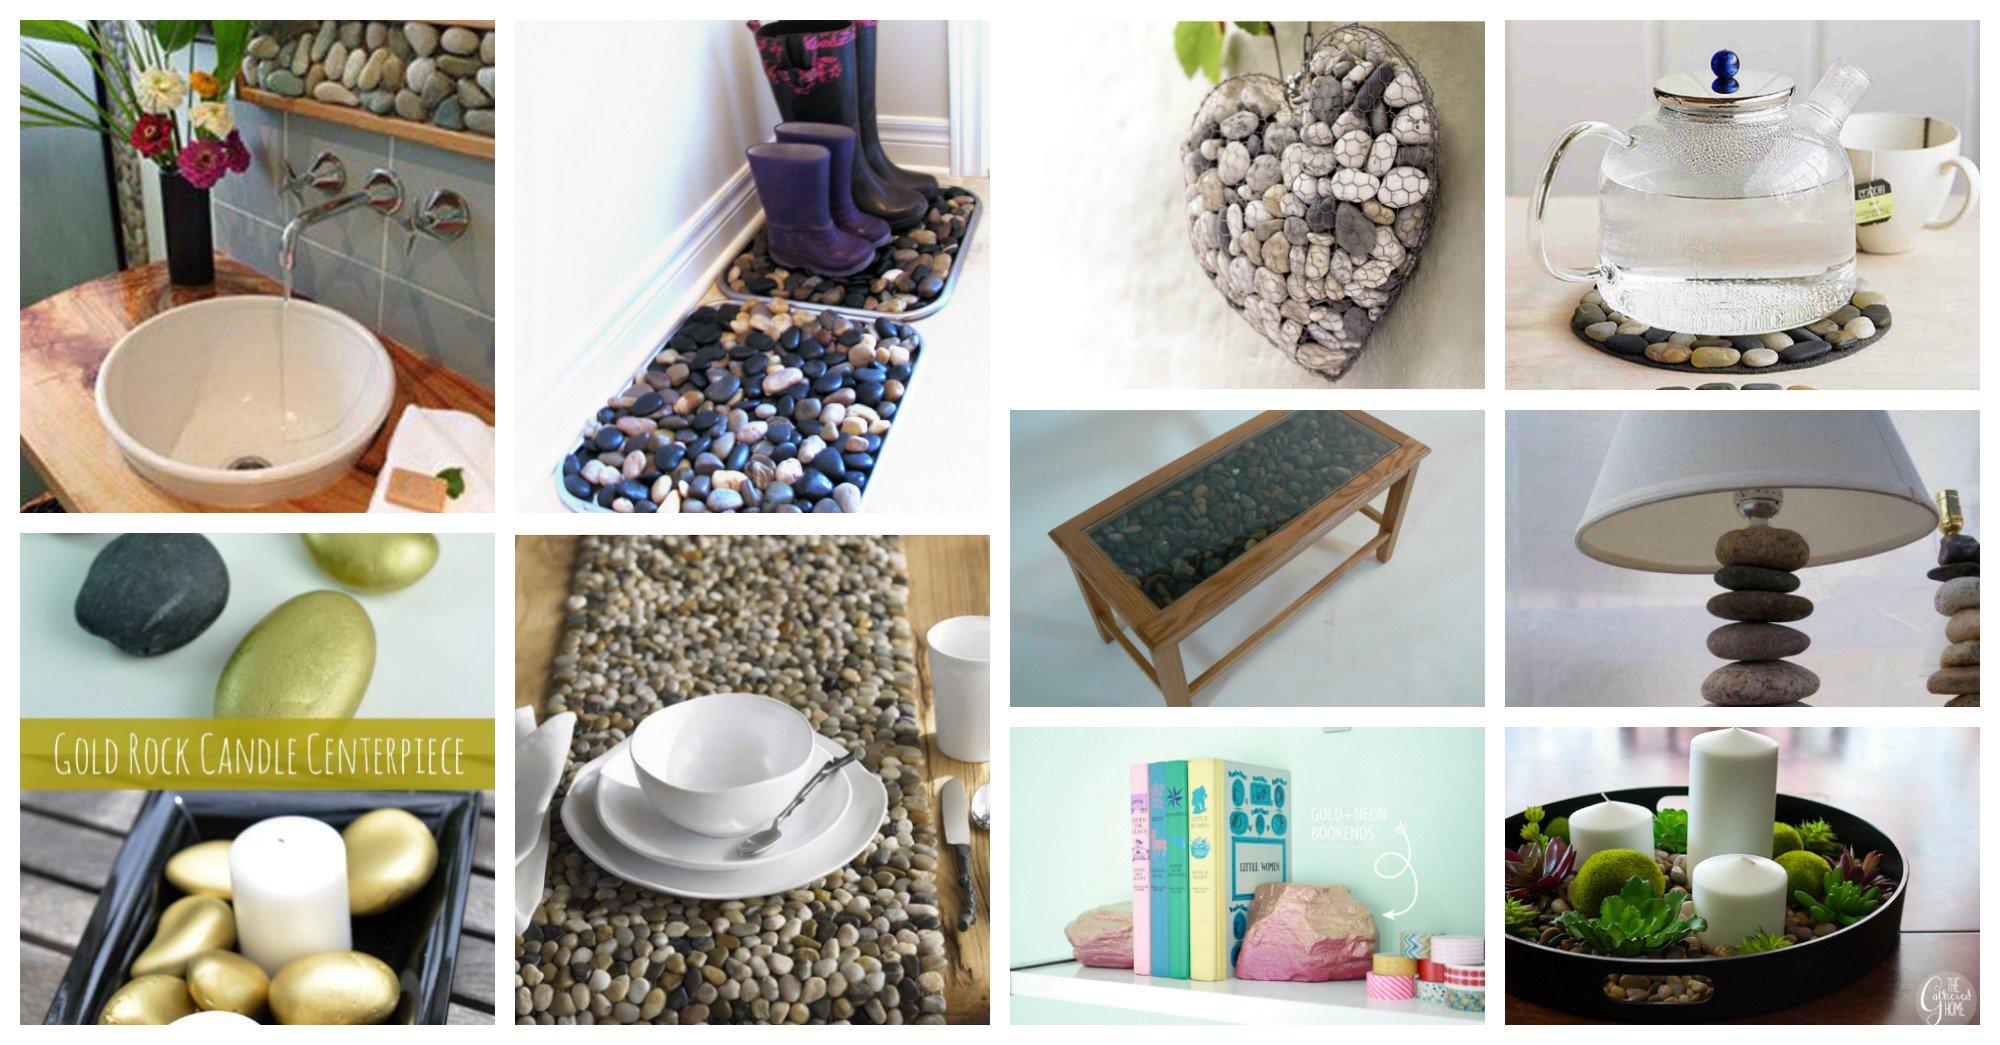 Brillantes ideas para hacer artesan as con piedras de r o for Como decorar plantas con piedras